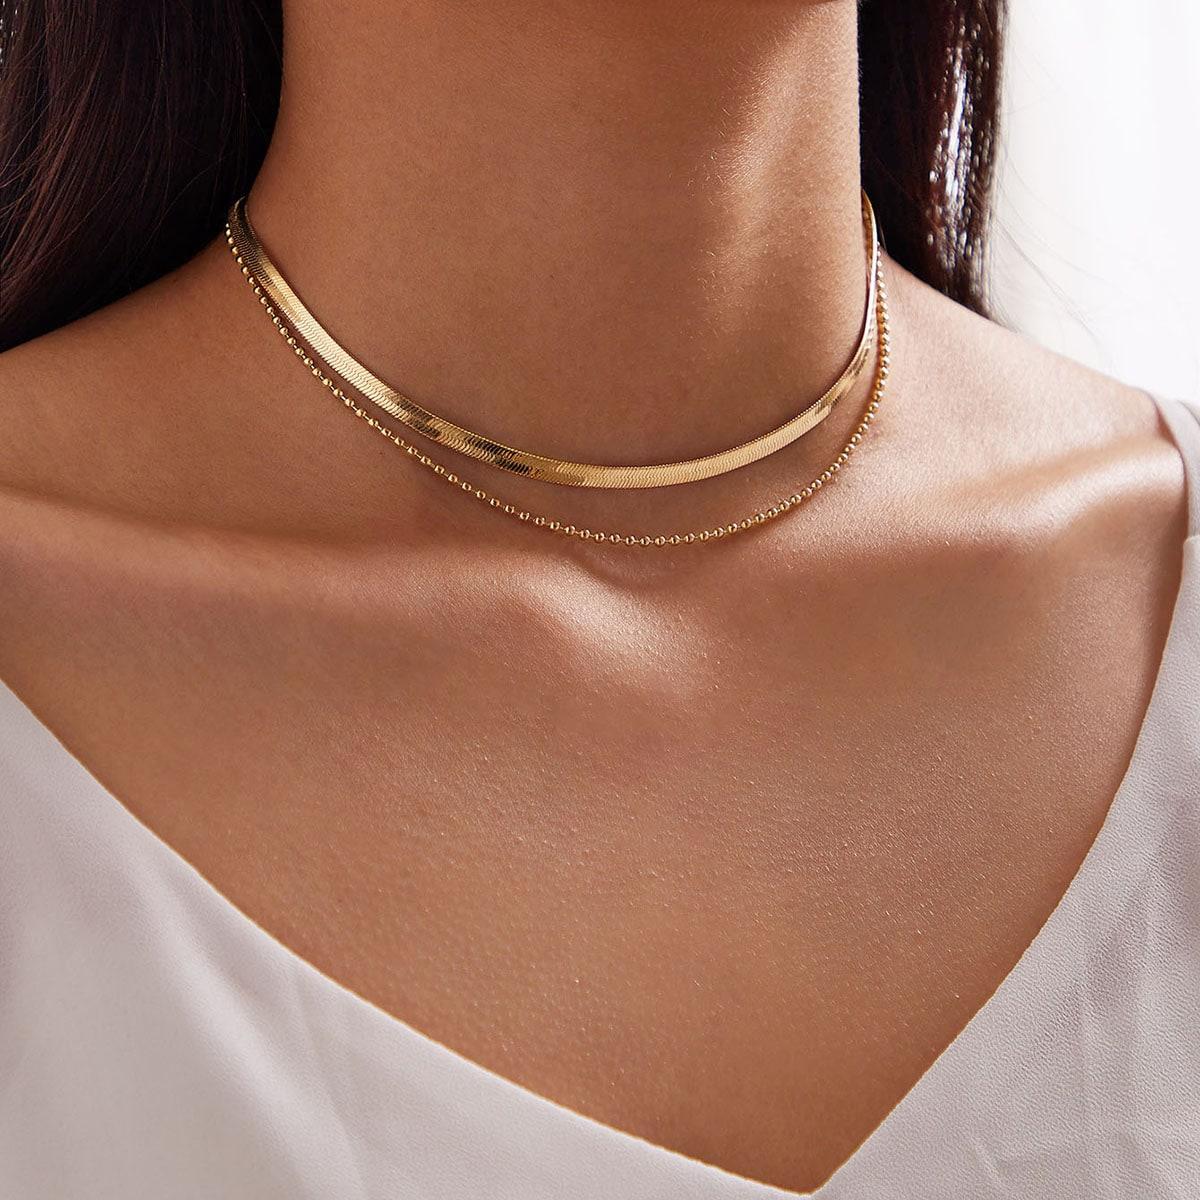 Многослойное ожерелье с бусами и декором змеиной кости 1шт от SHEIN